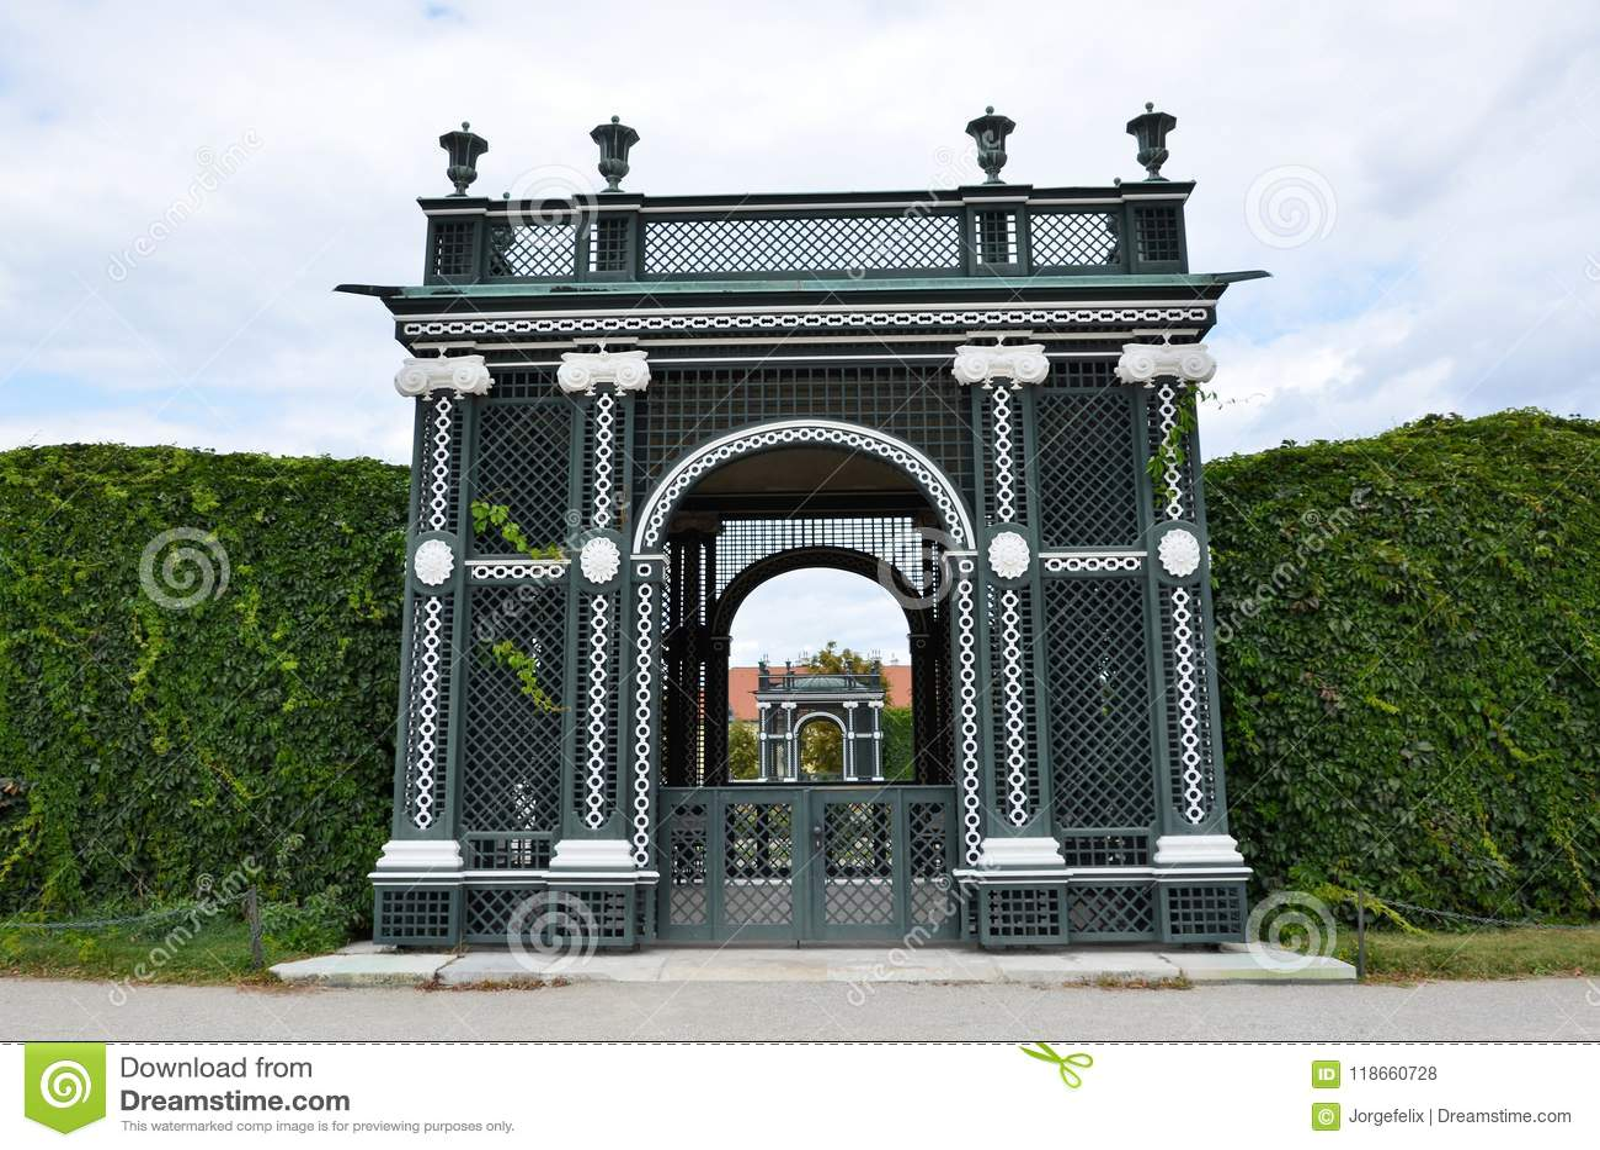 Jardins du palais impérial à Vienne